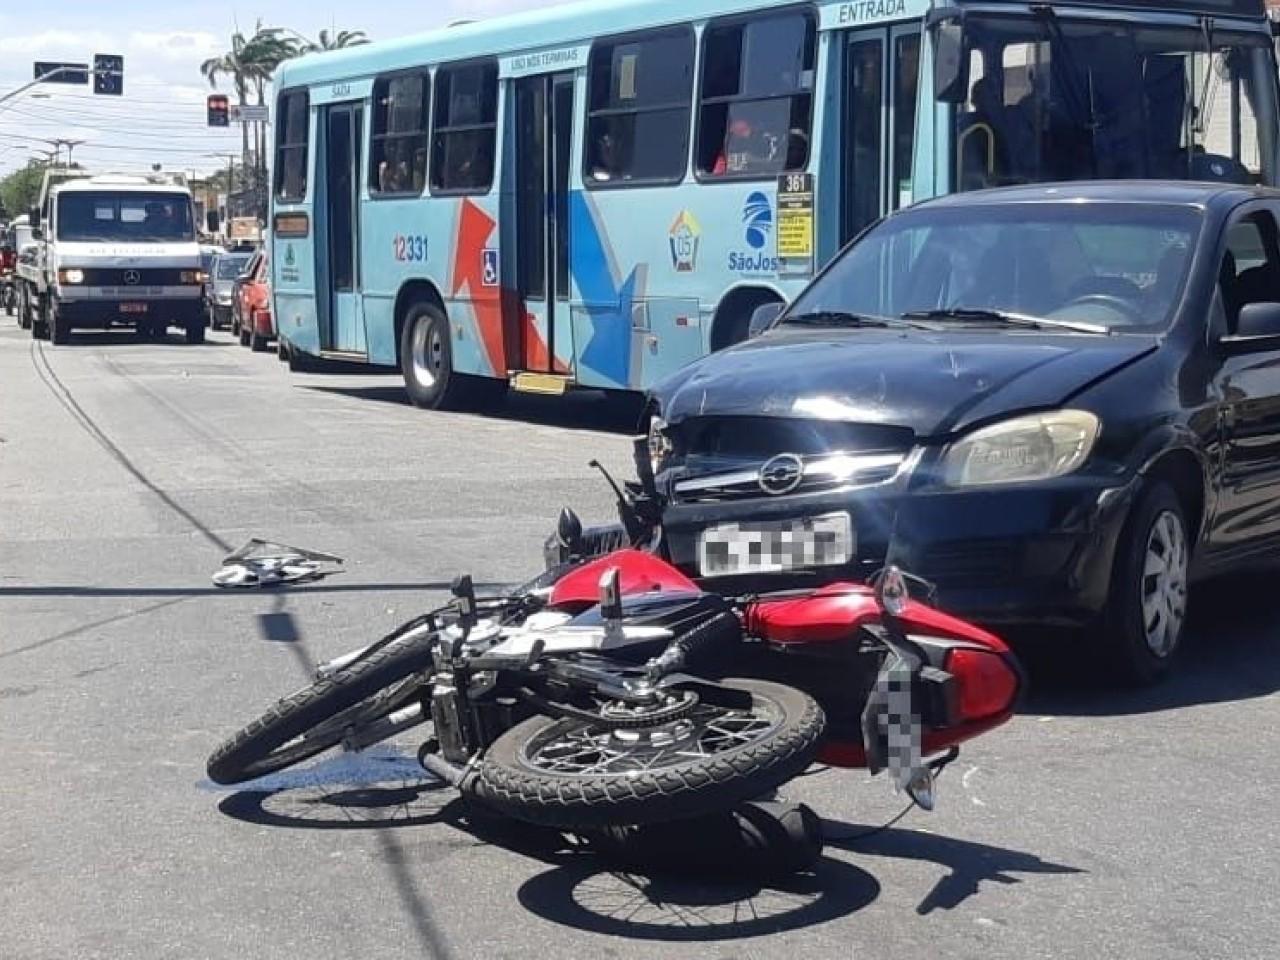 Reclusão domiciliar por Covid-19 gera redução de 61% em acidentes no Ceará